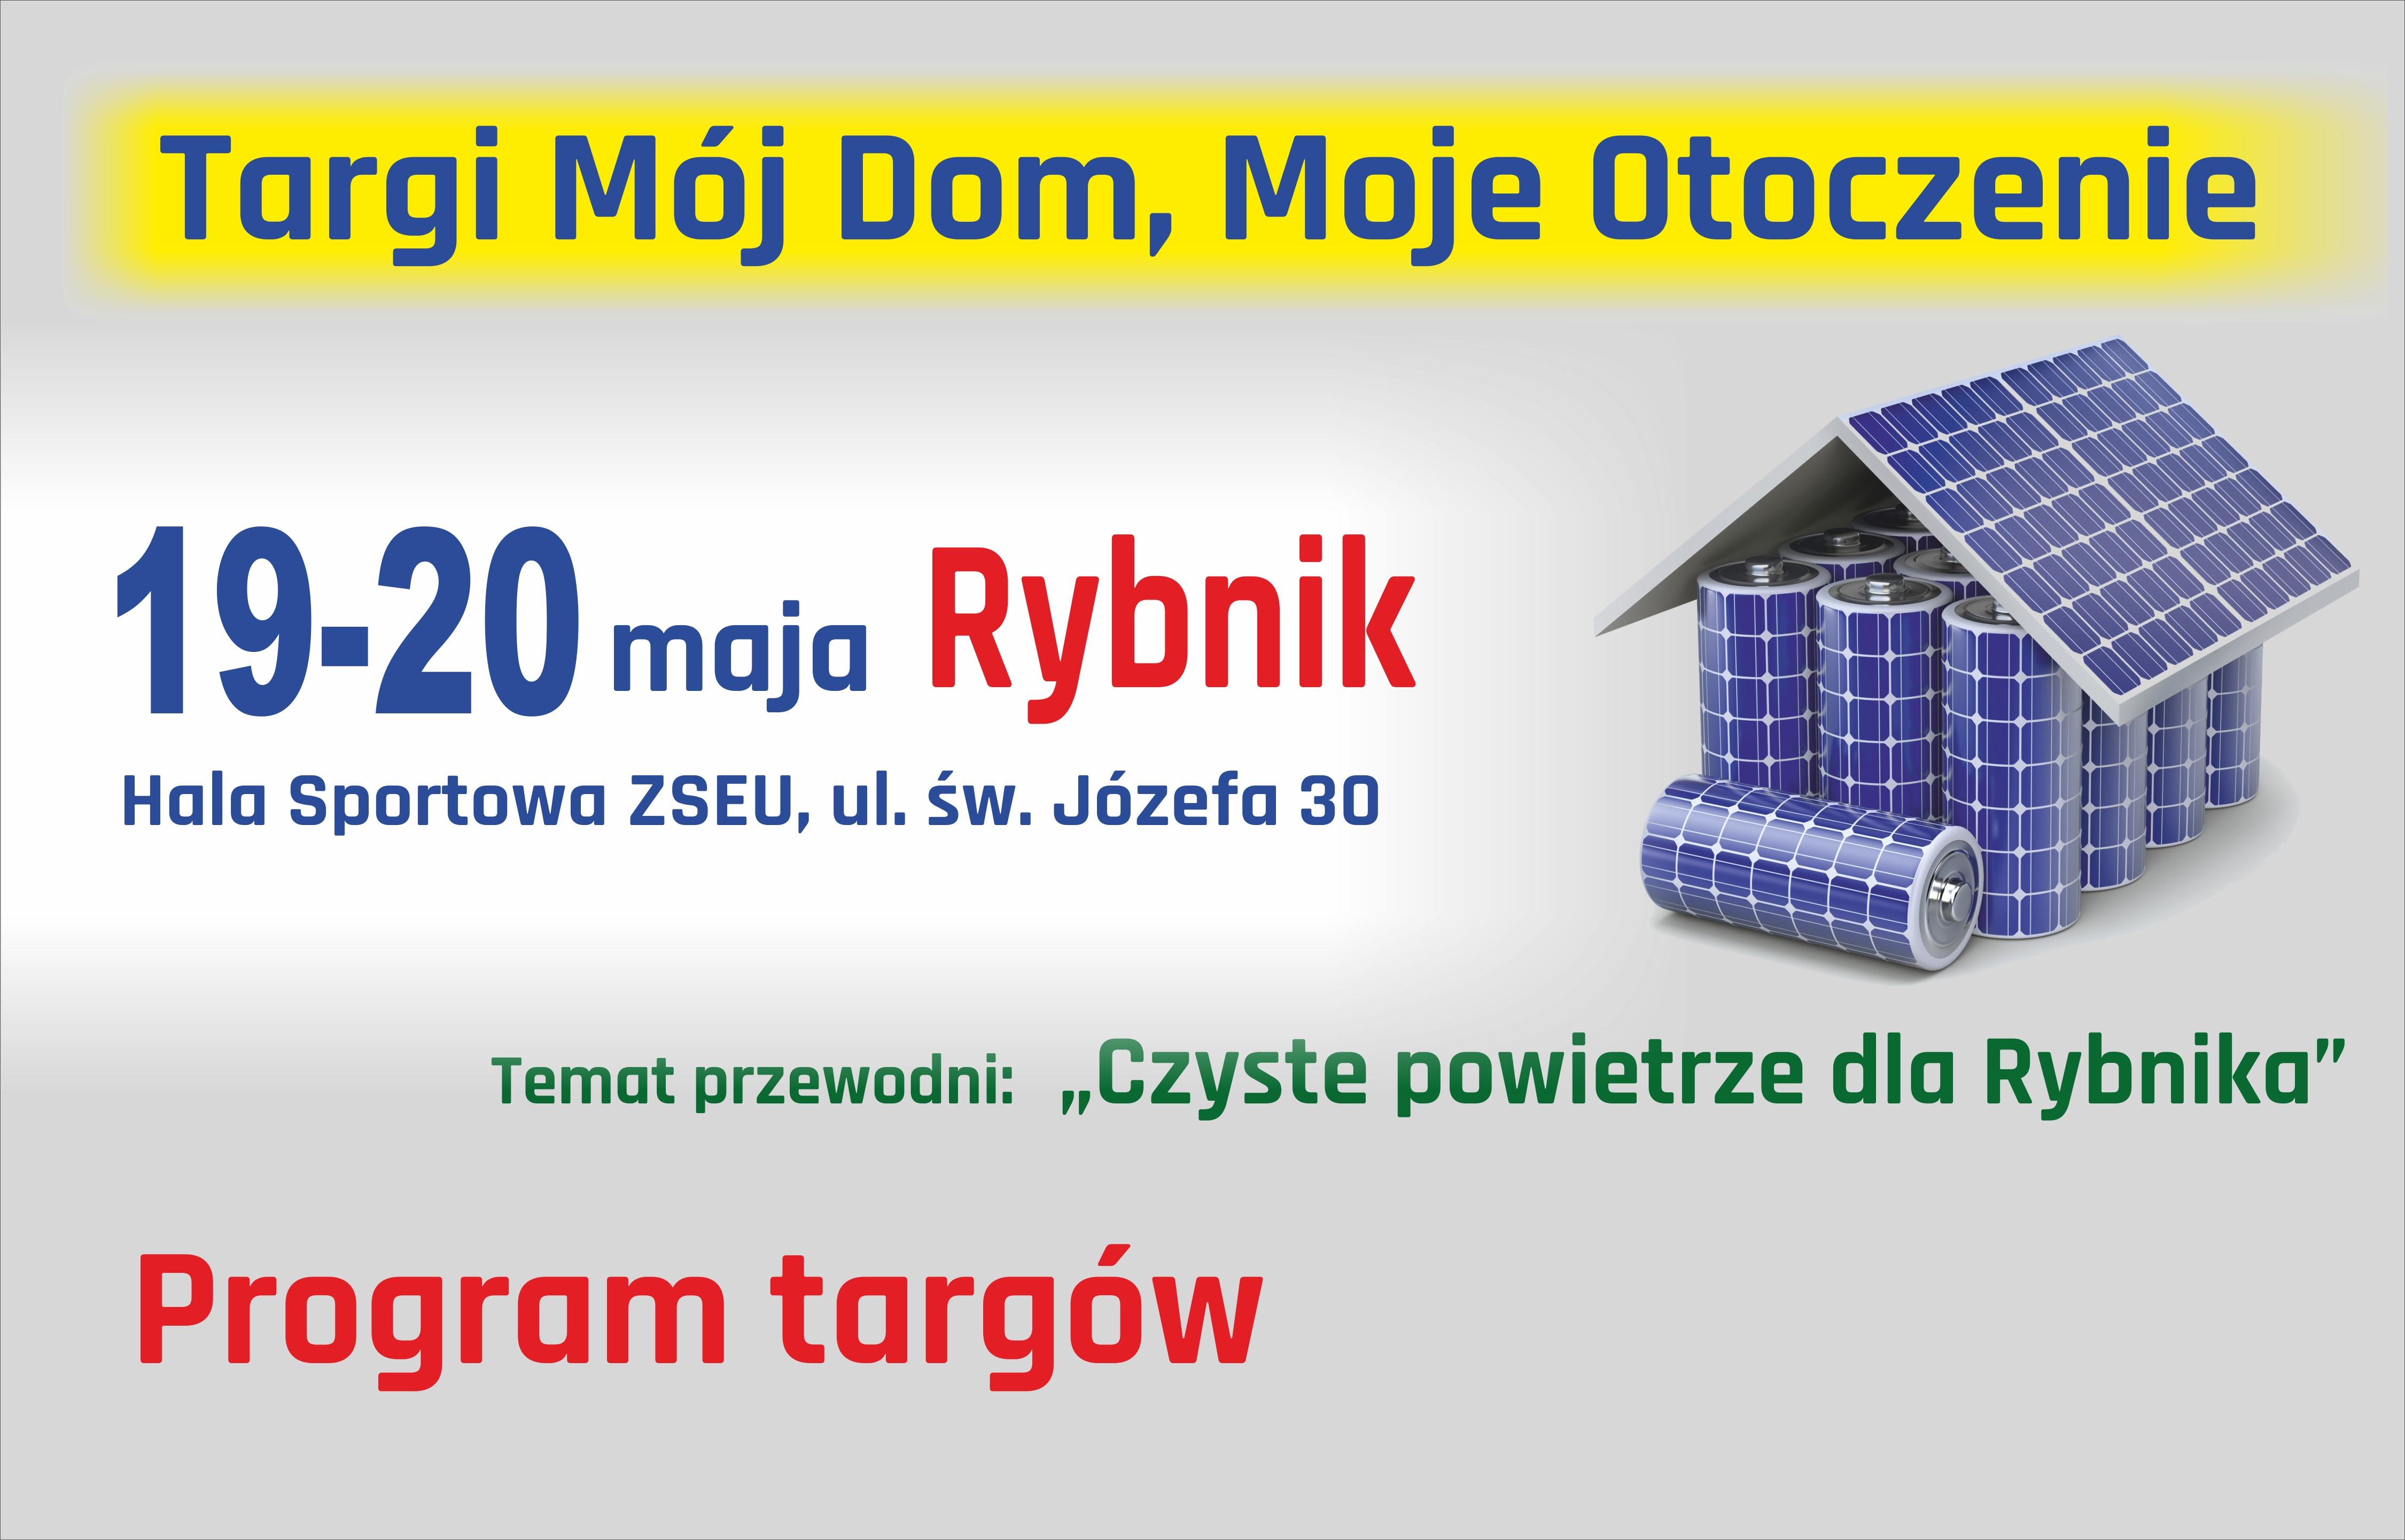 Zapraszamy do zapoznania się z programem targów Promocja-Targi.pl